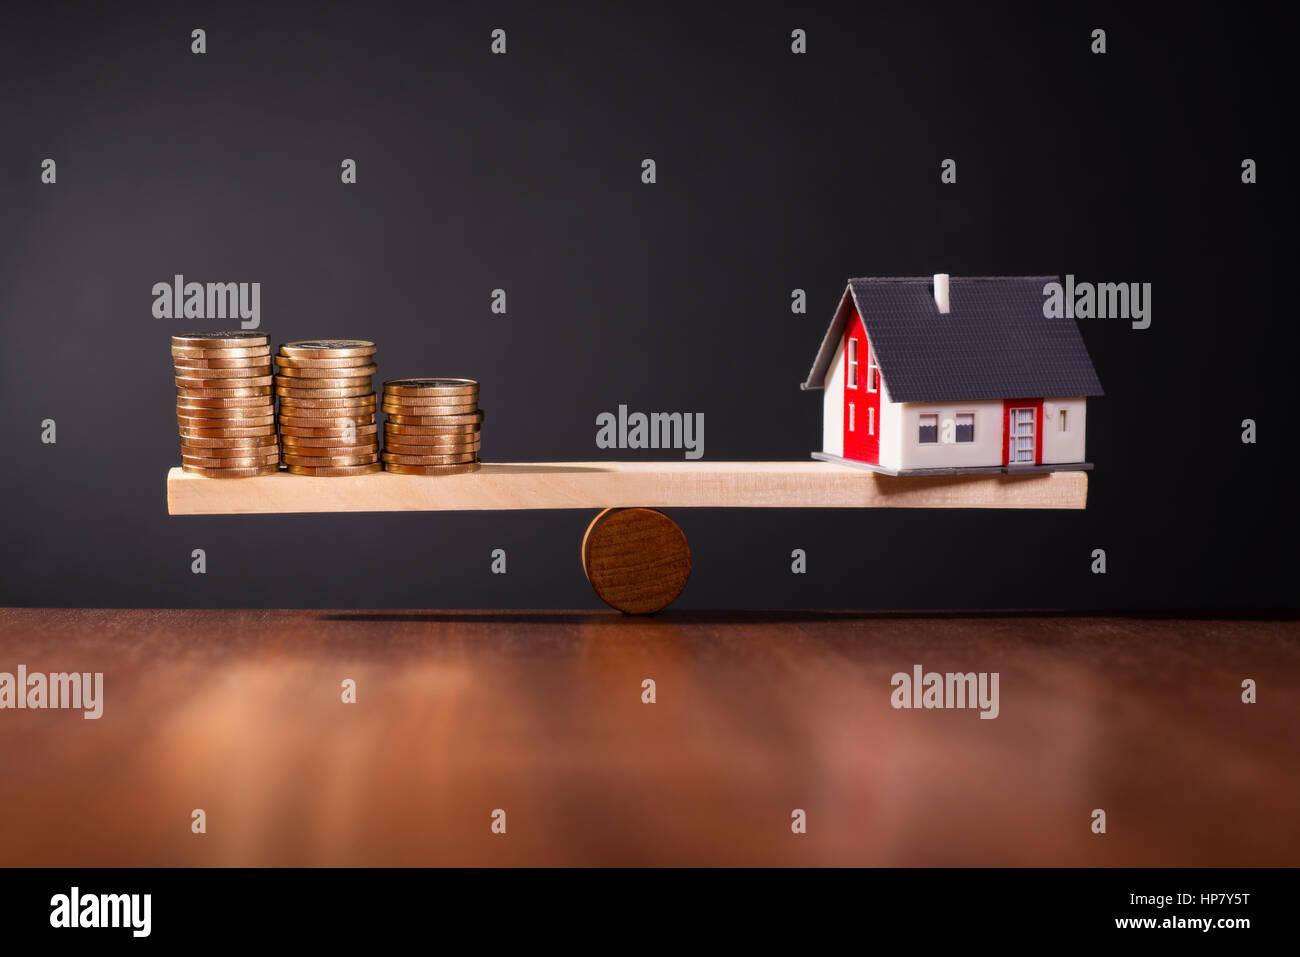 Wippe mit einem Haus auf der einen Seite und Stapel von Münzen auf der anderen Seite. Stockbild